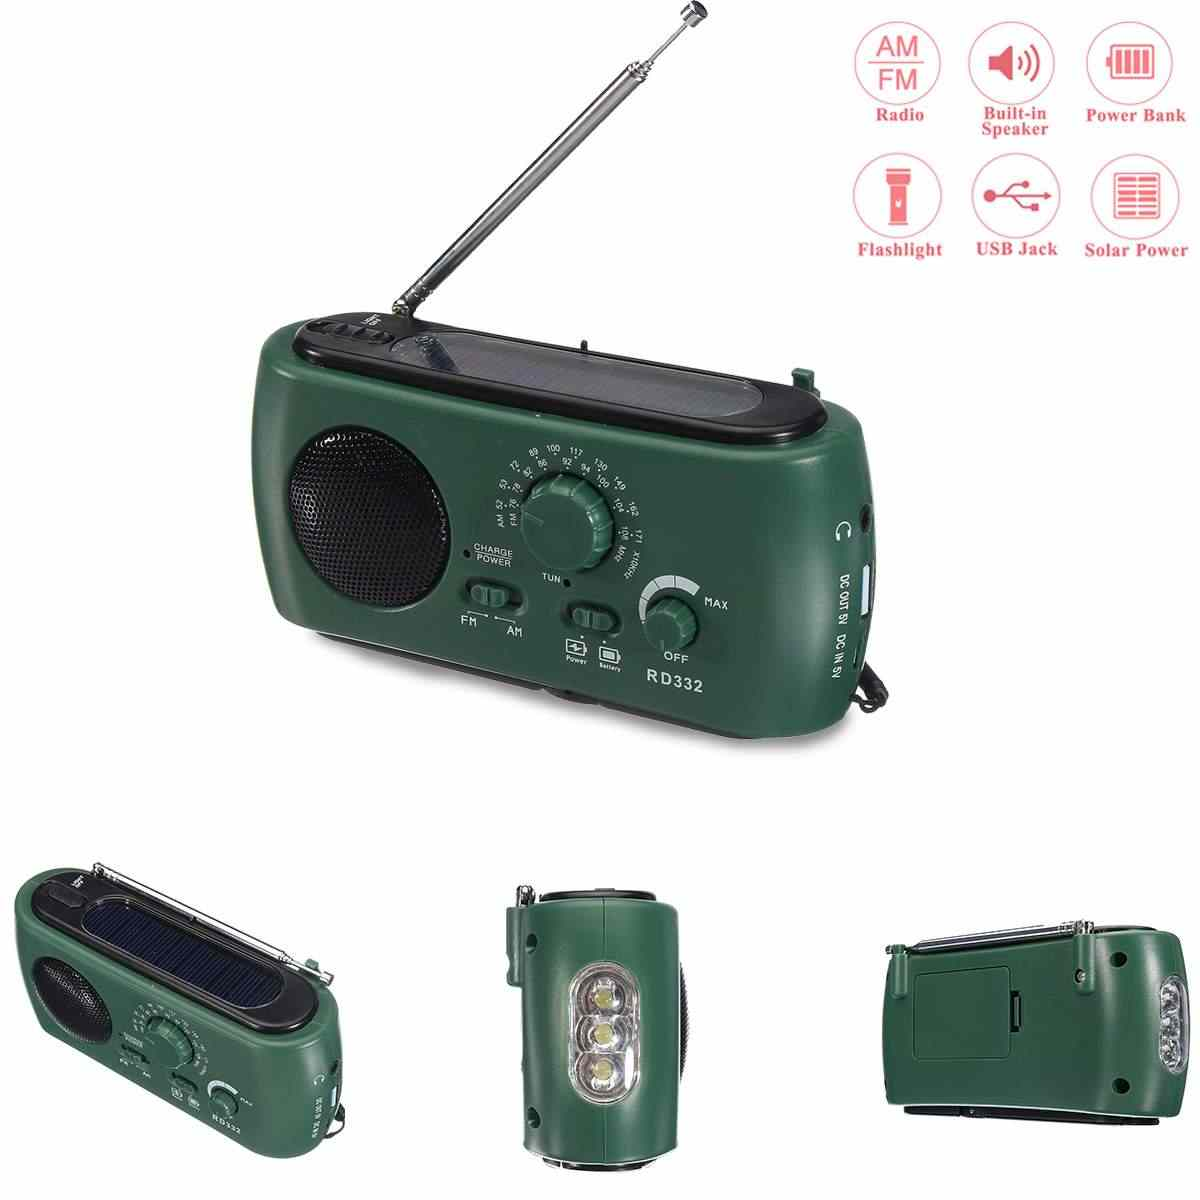 緊急ポータブルソーラークランク AM/FM 天気 led 懐中電灯携帯充電インターフェース